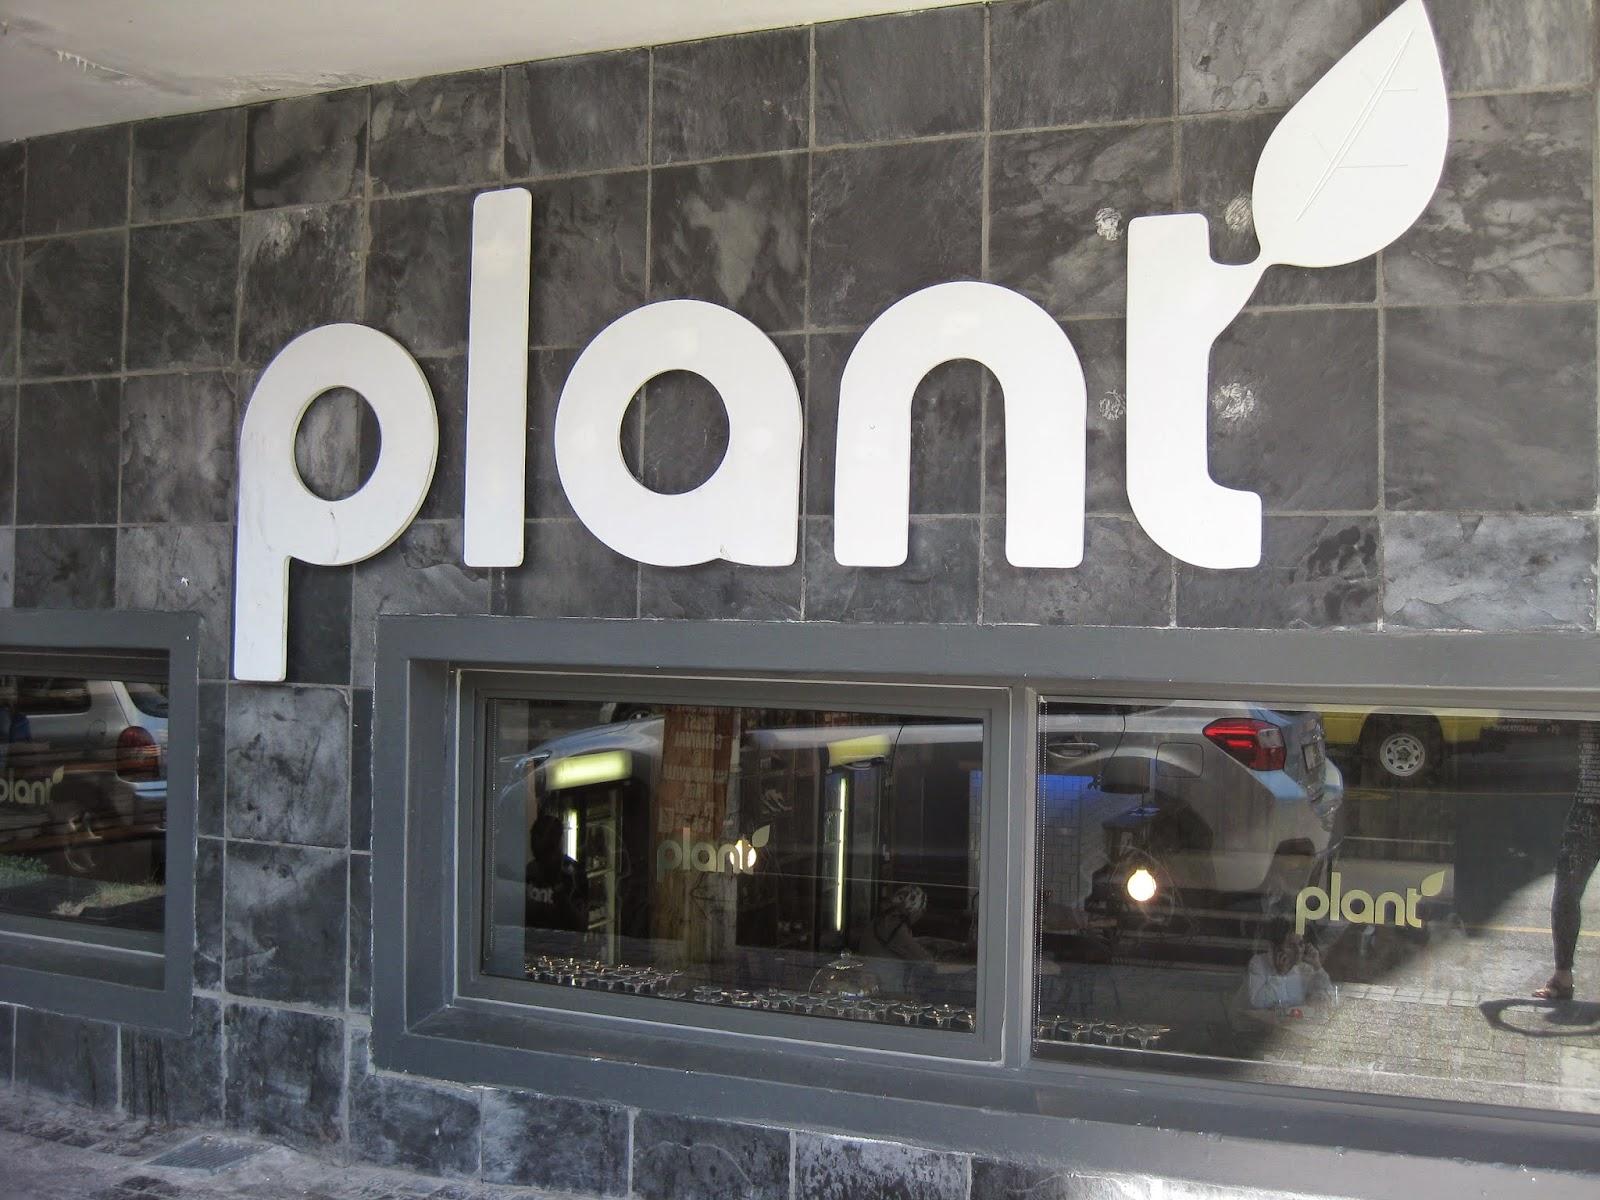 Plant Cafe, Cape Town